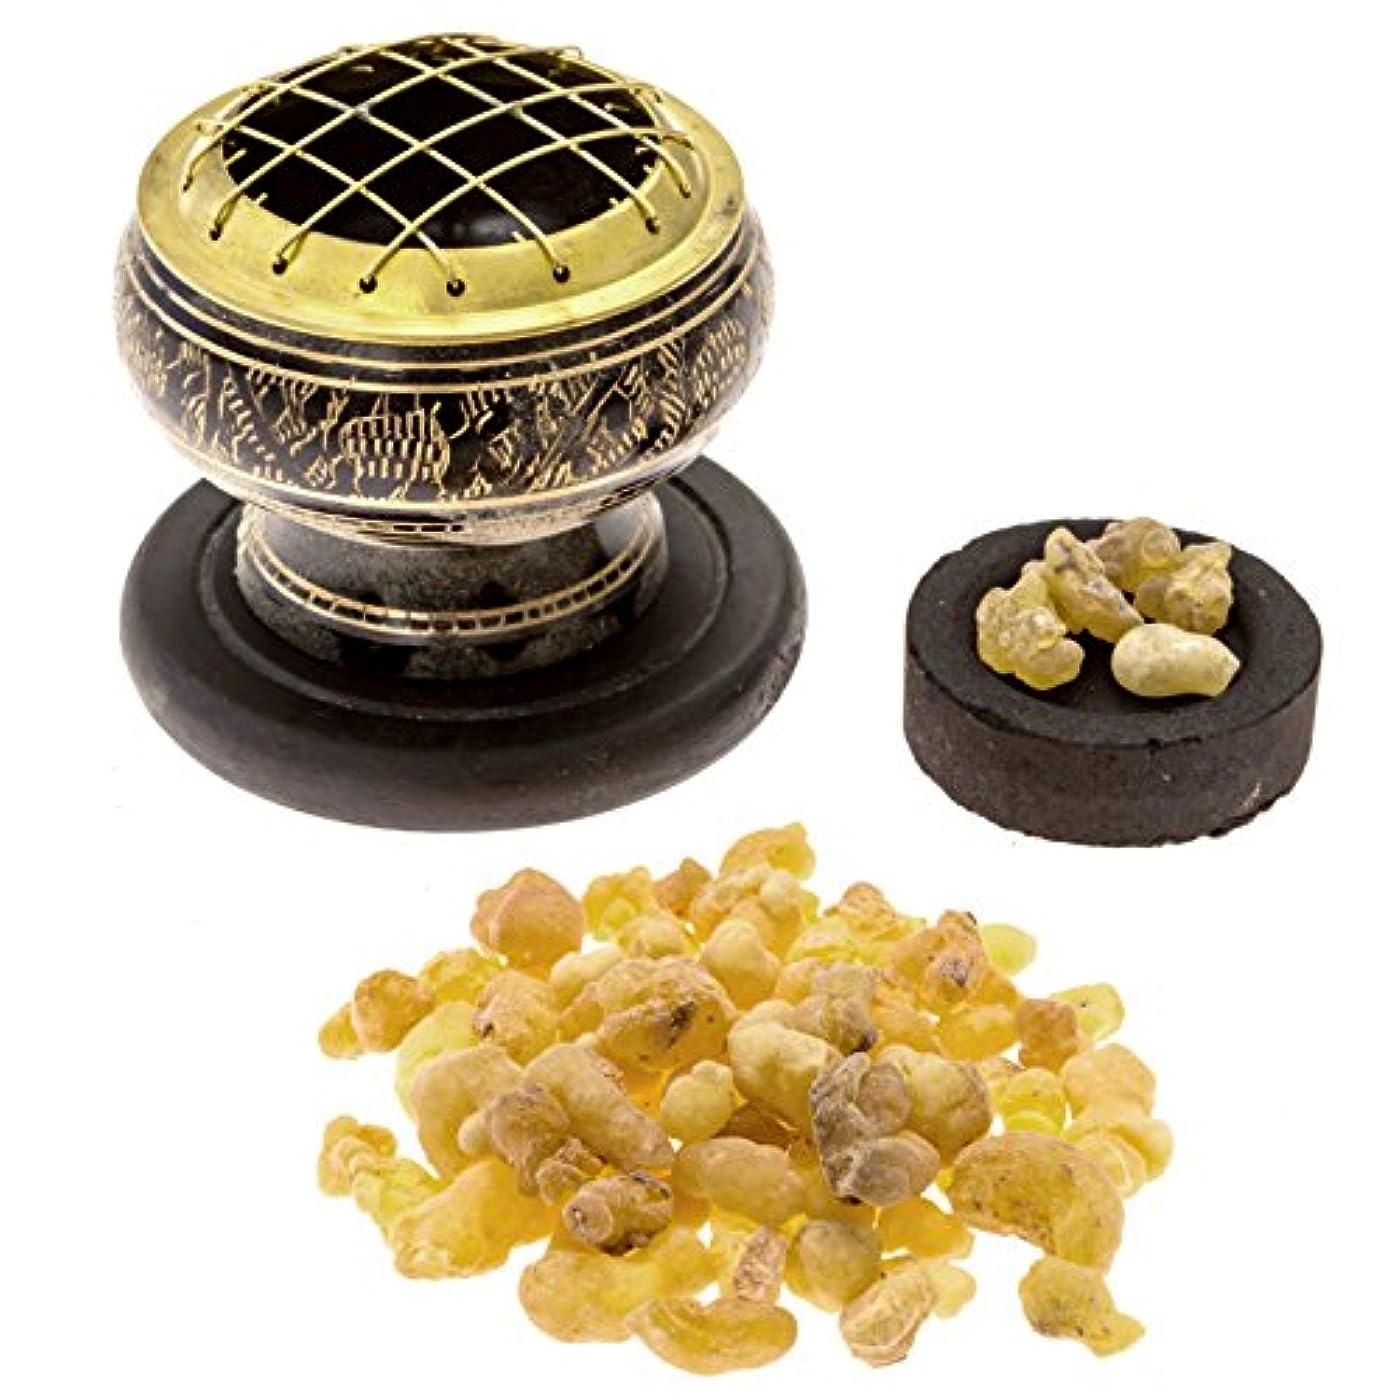 嫌がらせベテラン在庫プレミアムFrankincense Burningキット( withチベット香炉または真鍮画面Burner ) (真鍮Burner )